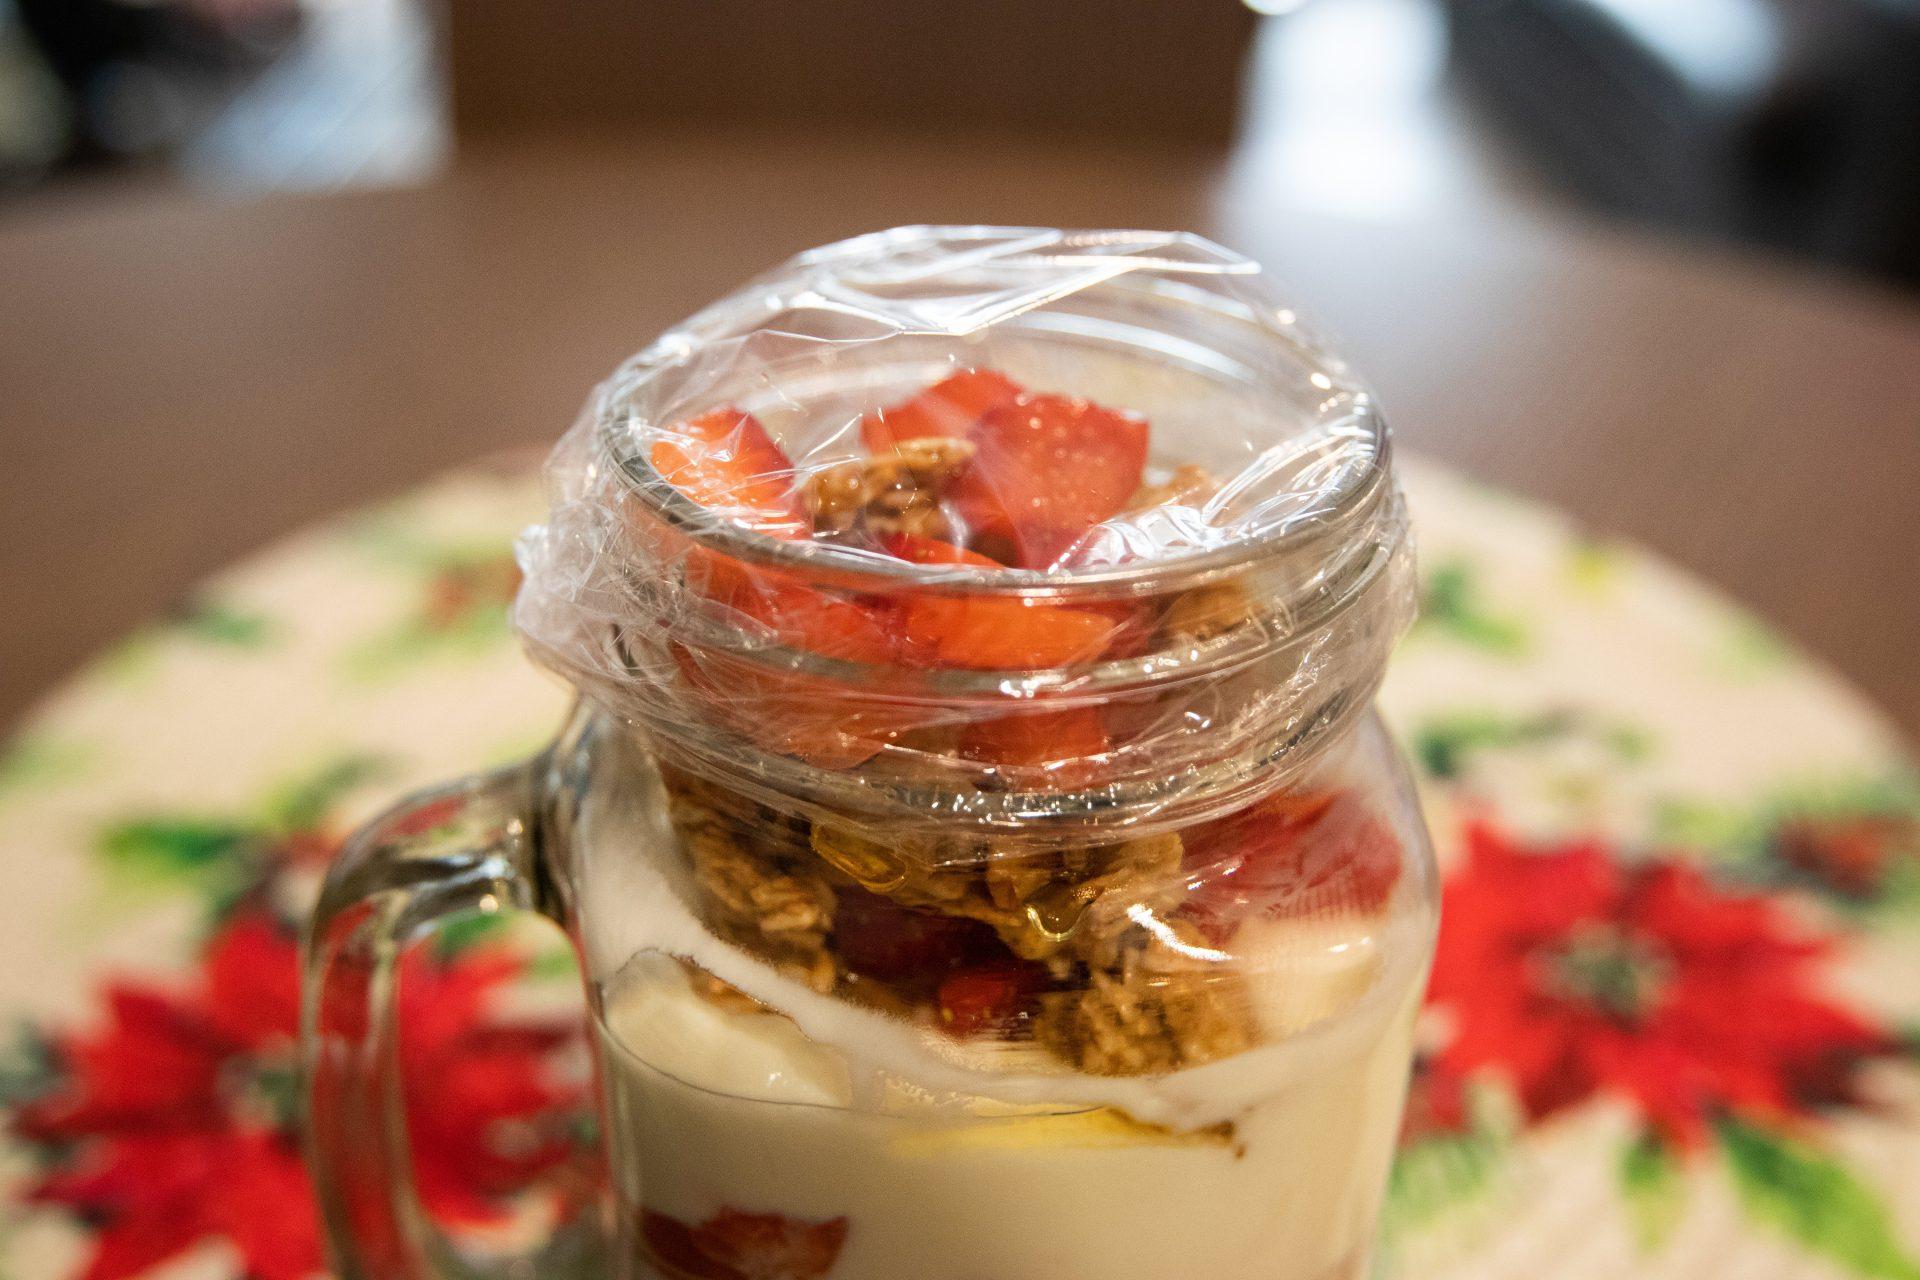 Photo of finished and sealed yogurt parfait.